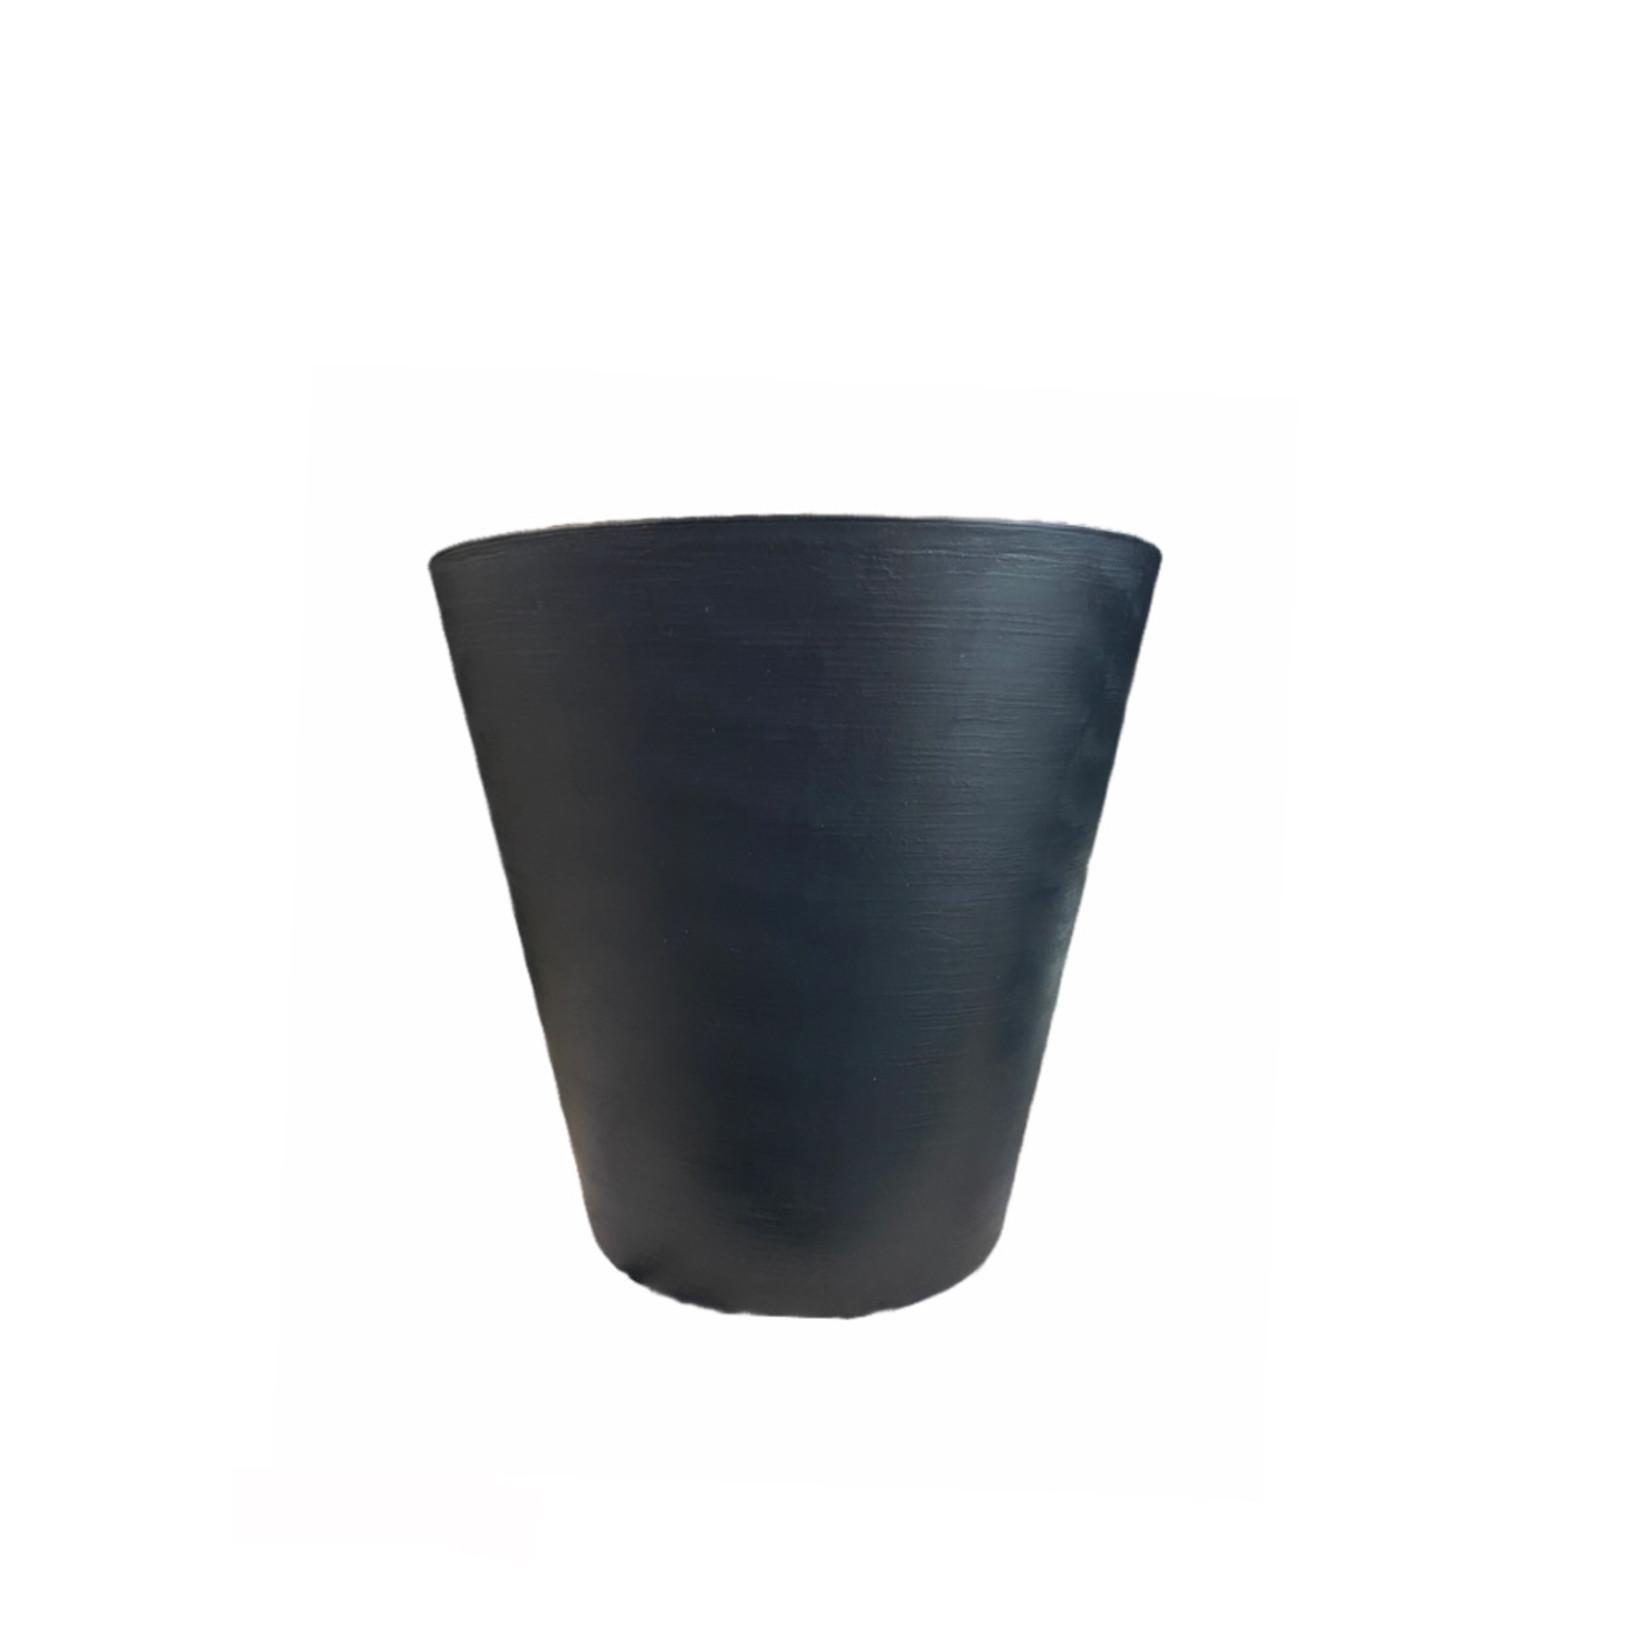 Teraplast Repot Hoop Noir 16cm